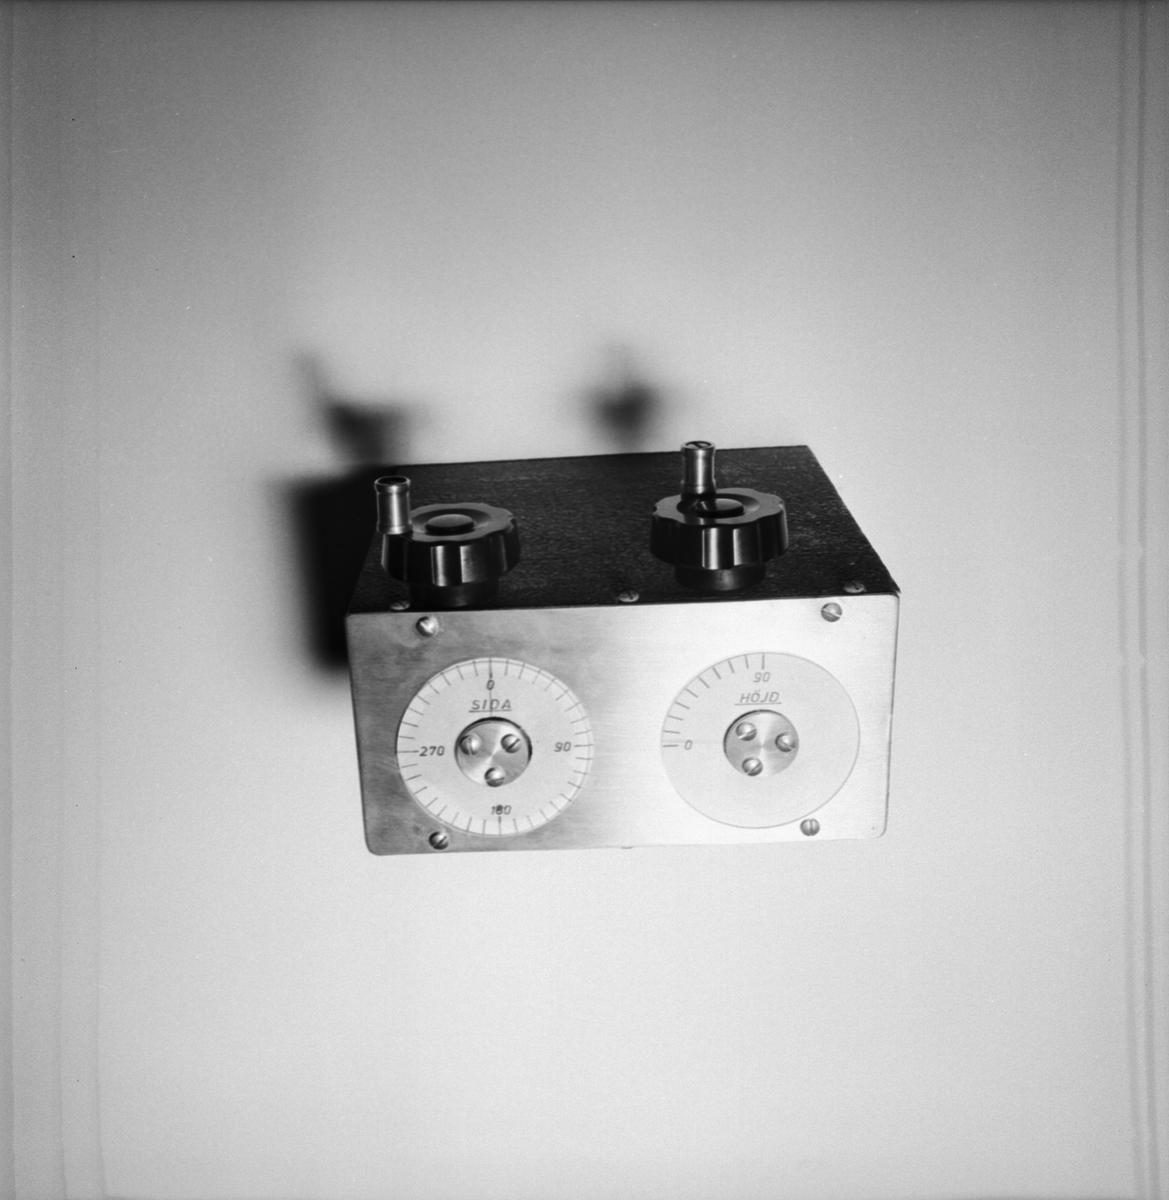 Övrigt: Foto datum: 25/9 1964 Verkstäder och personal. Mätinstrument